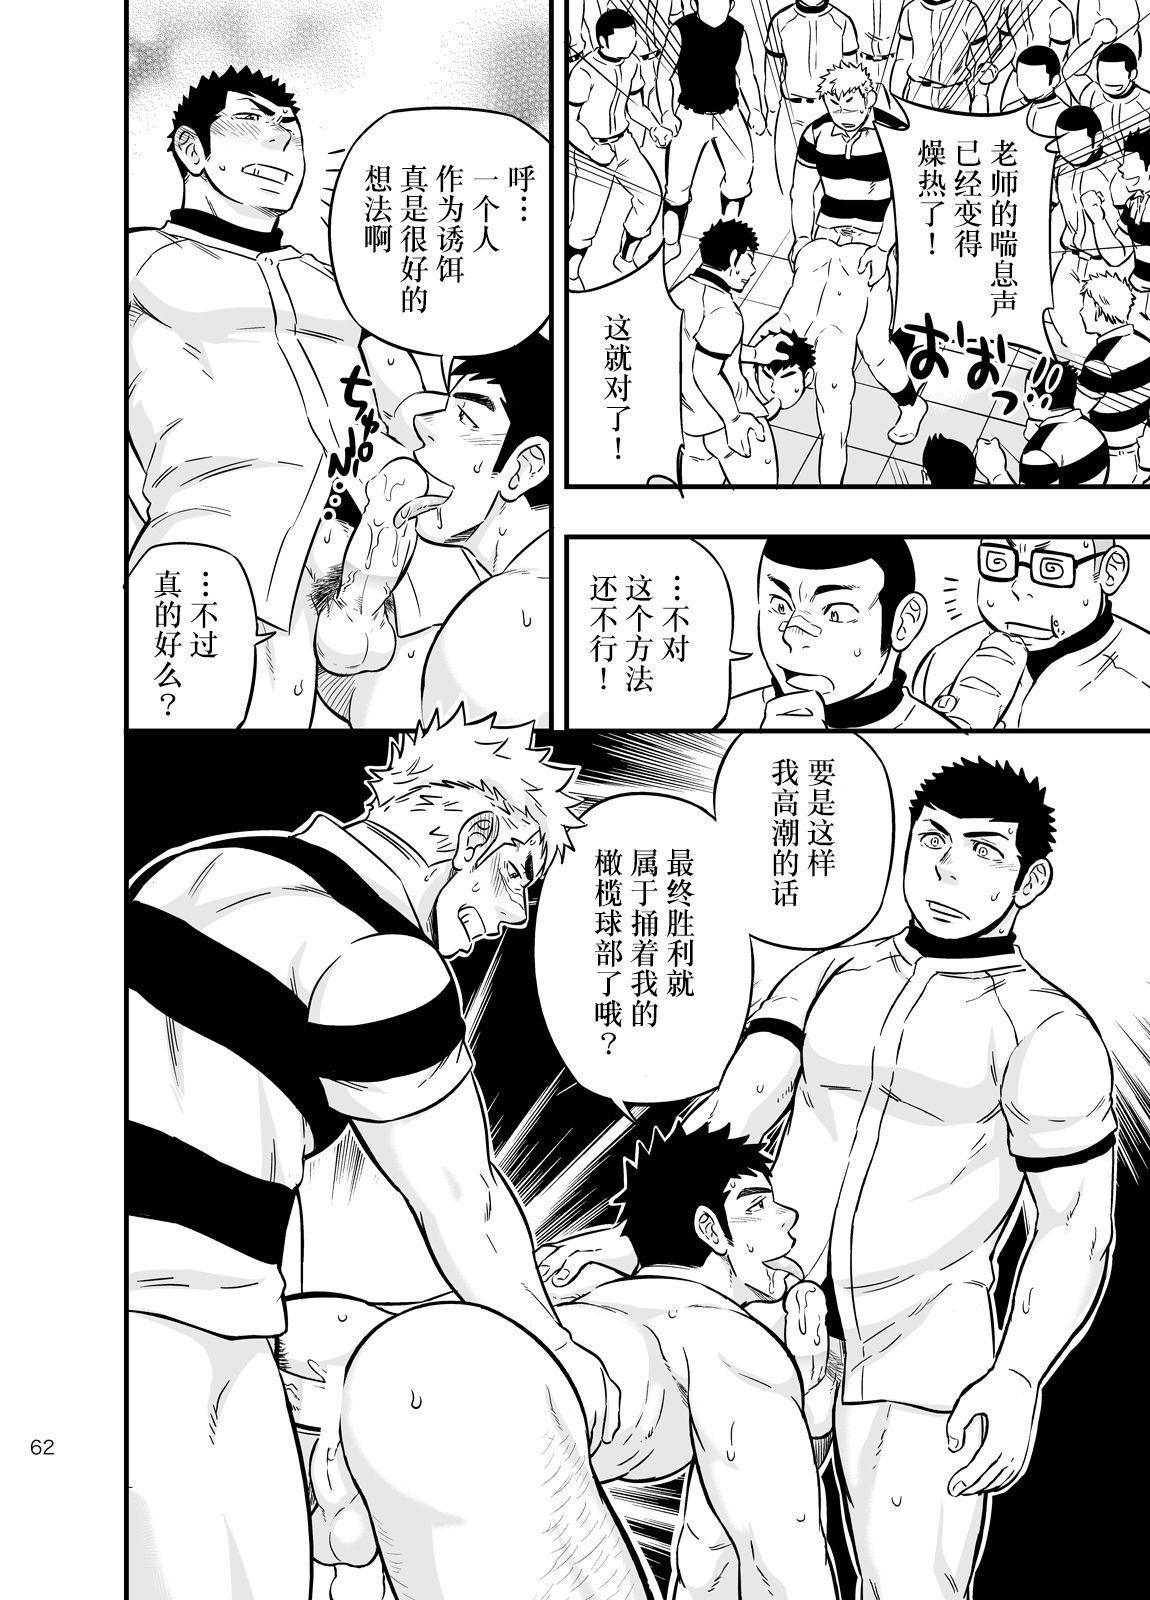 Moshimo Danshikou no Hoken Taiiku ga Jitsugi Ari Dattara 2 | 如果男校的保健体育课有实践环节的话 2 60